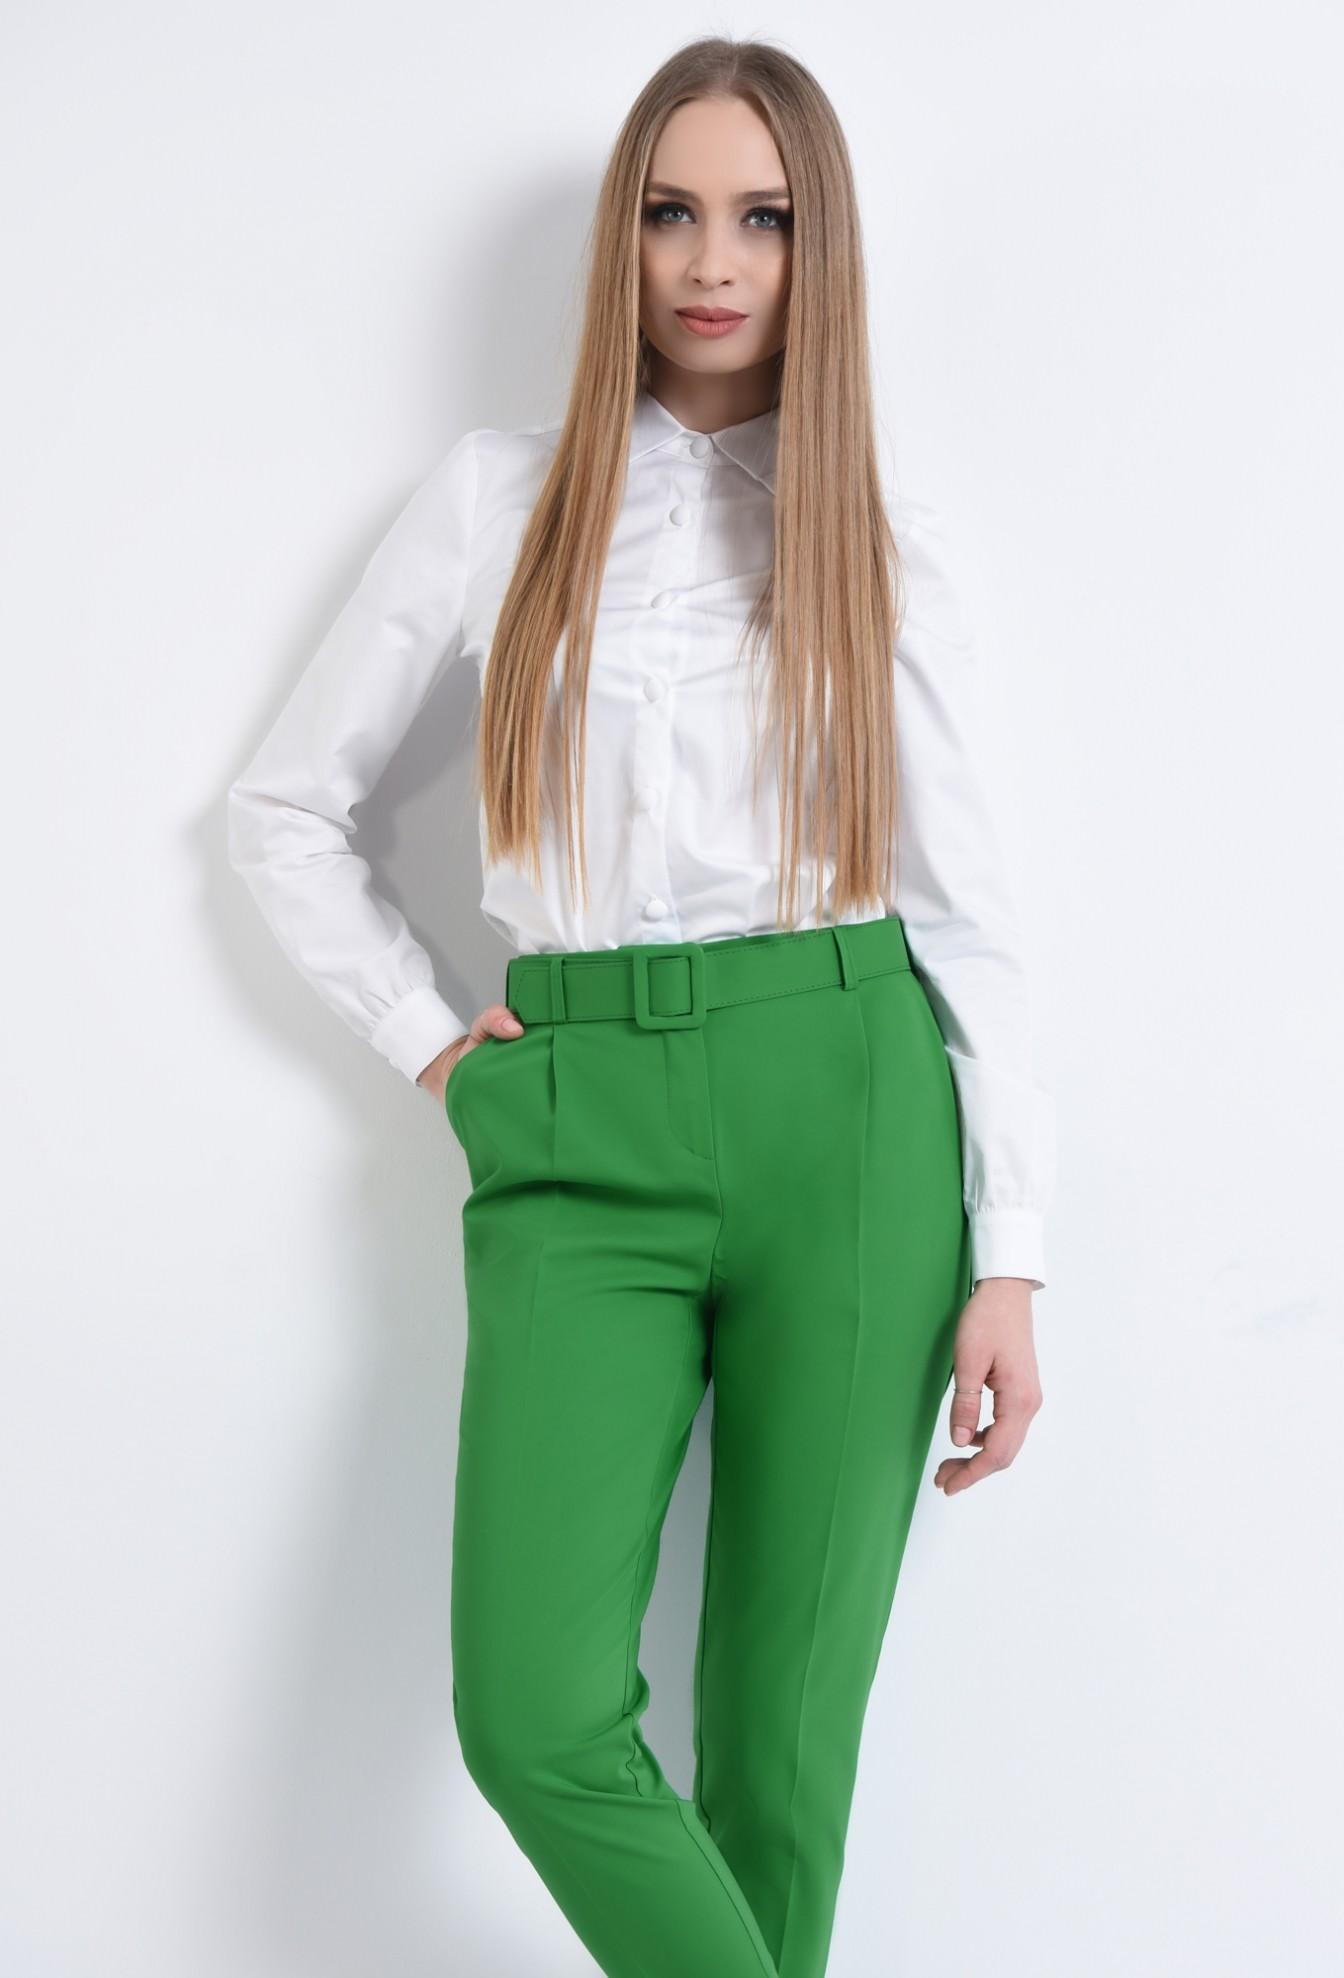 0 - 360 - Pantaloni casual, pense, centura